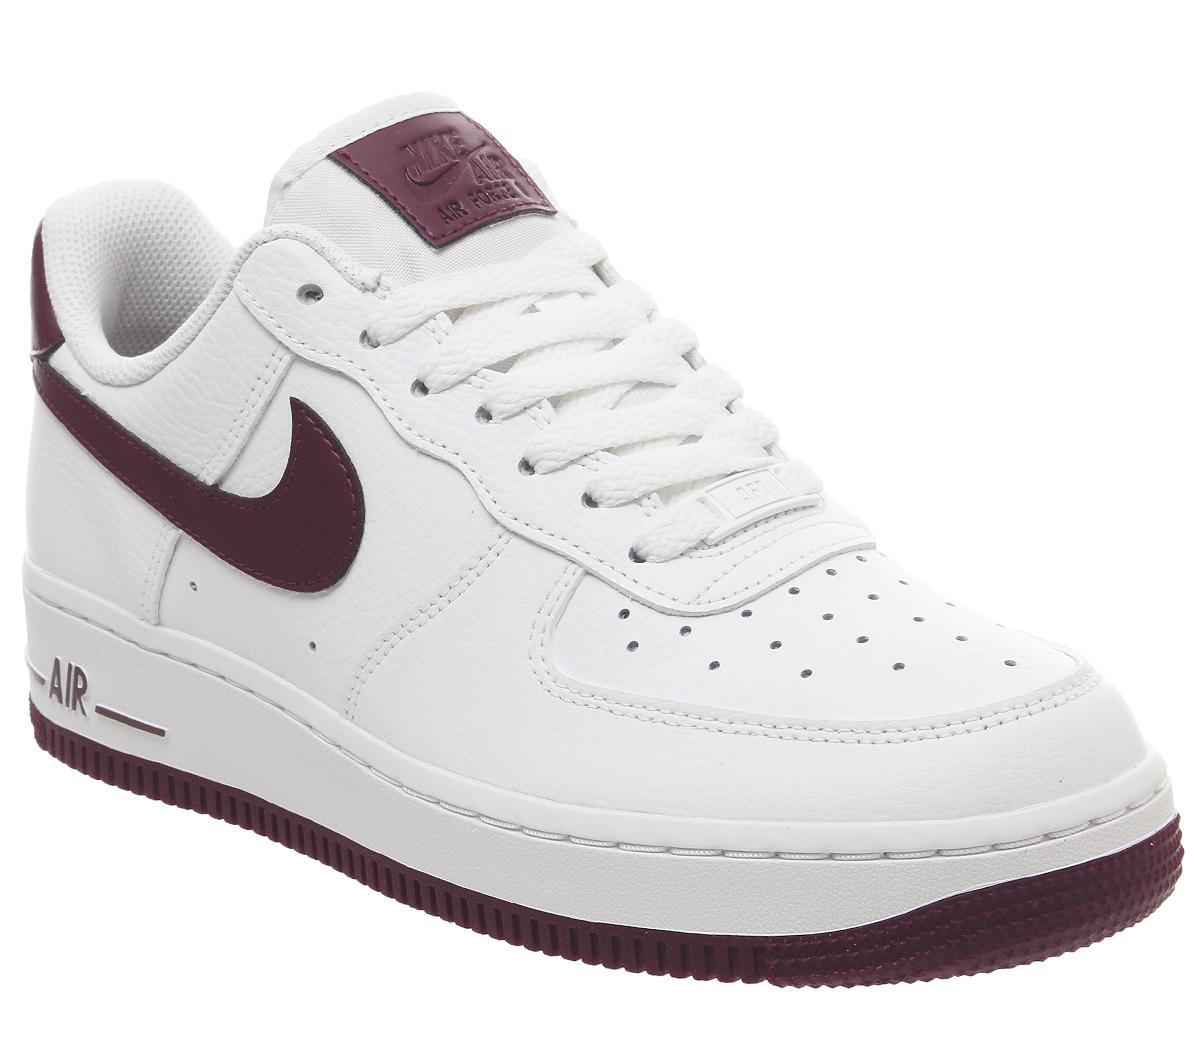 Nike Wmns Air Force 1 '07 (White Bordeaux)